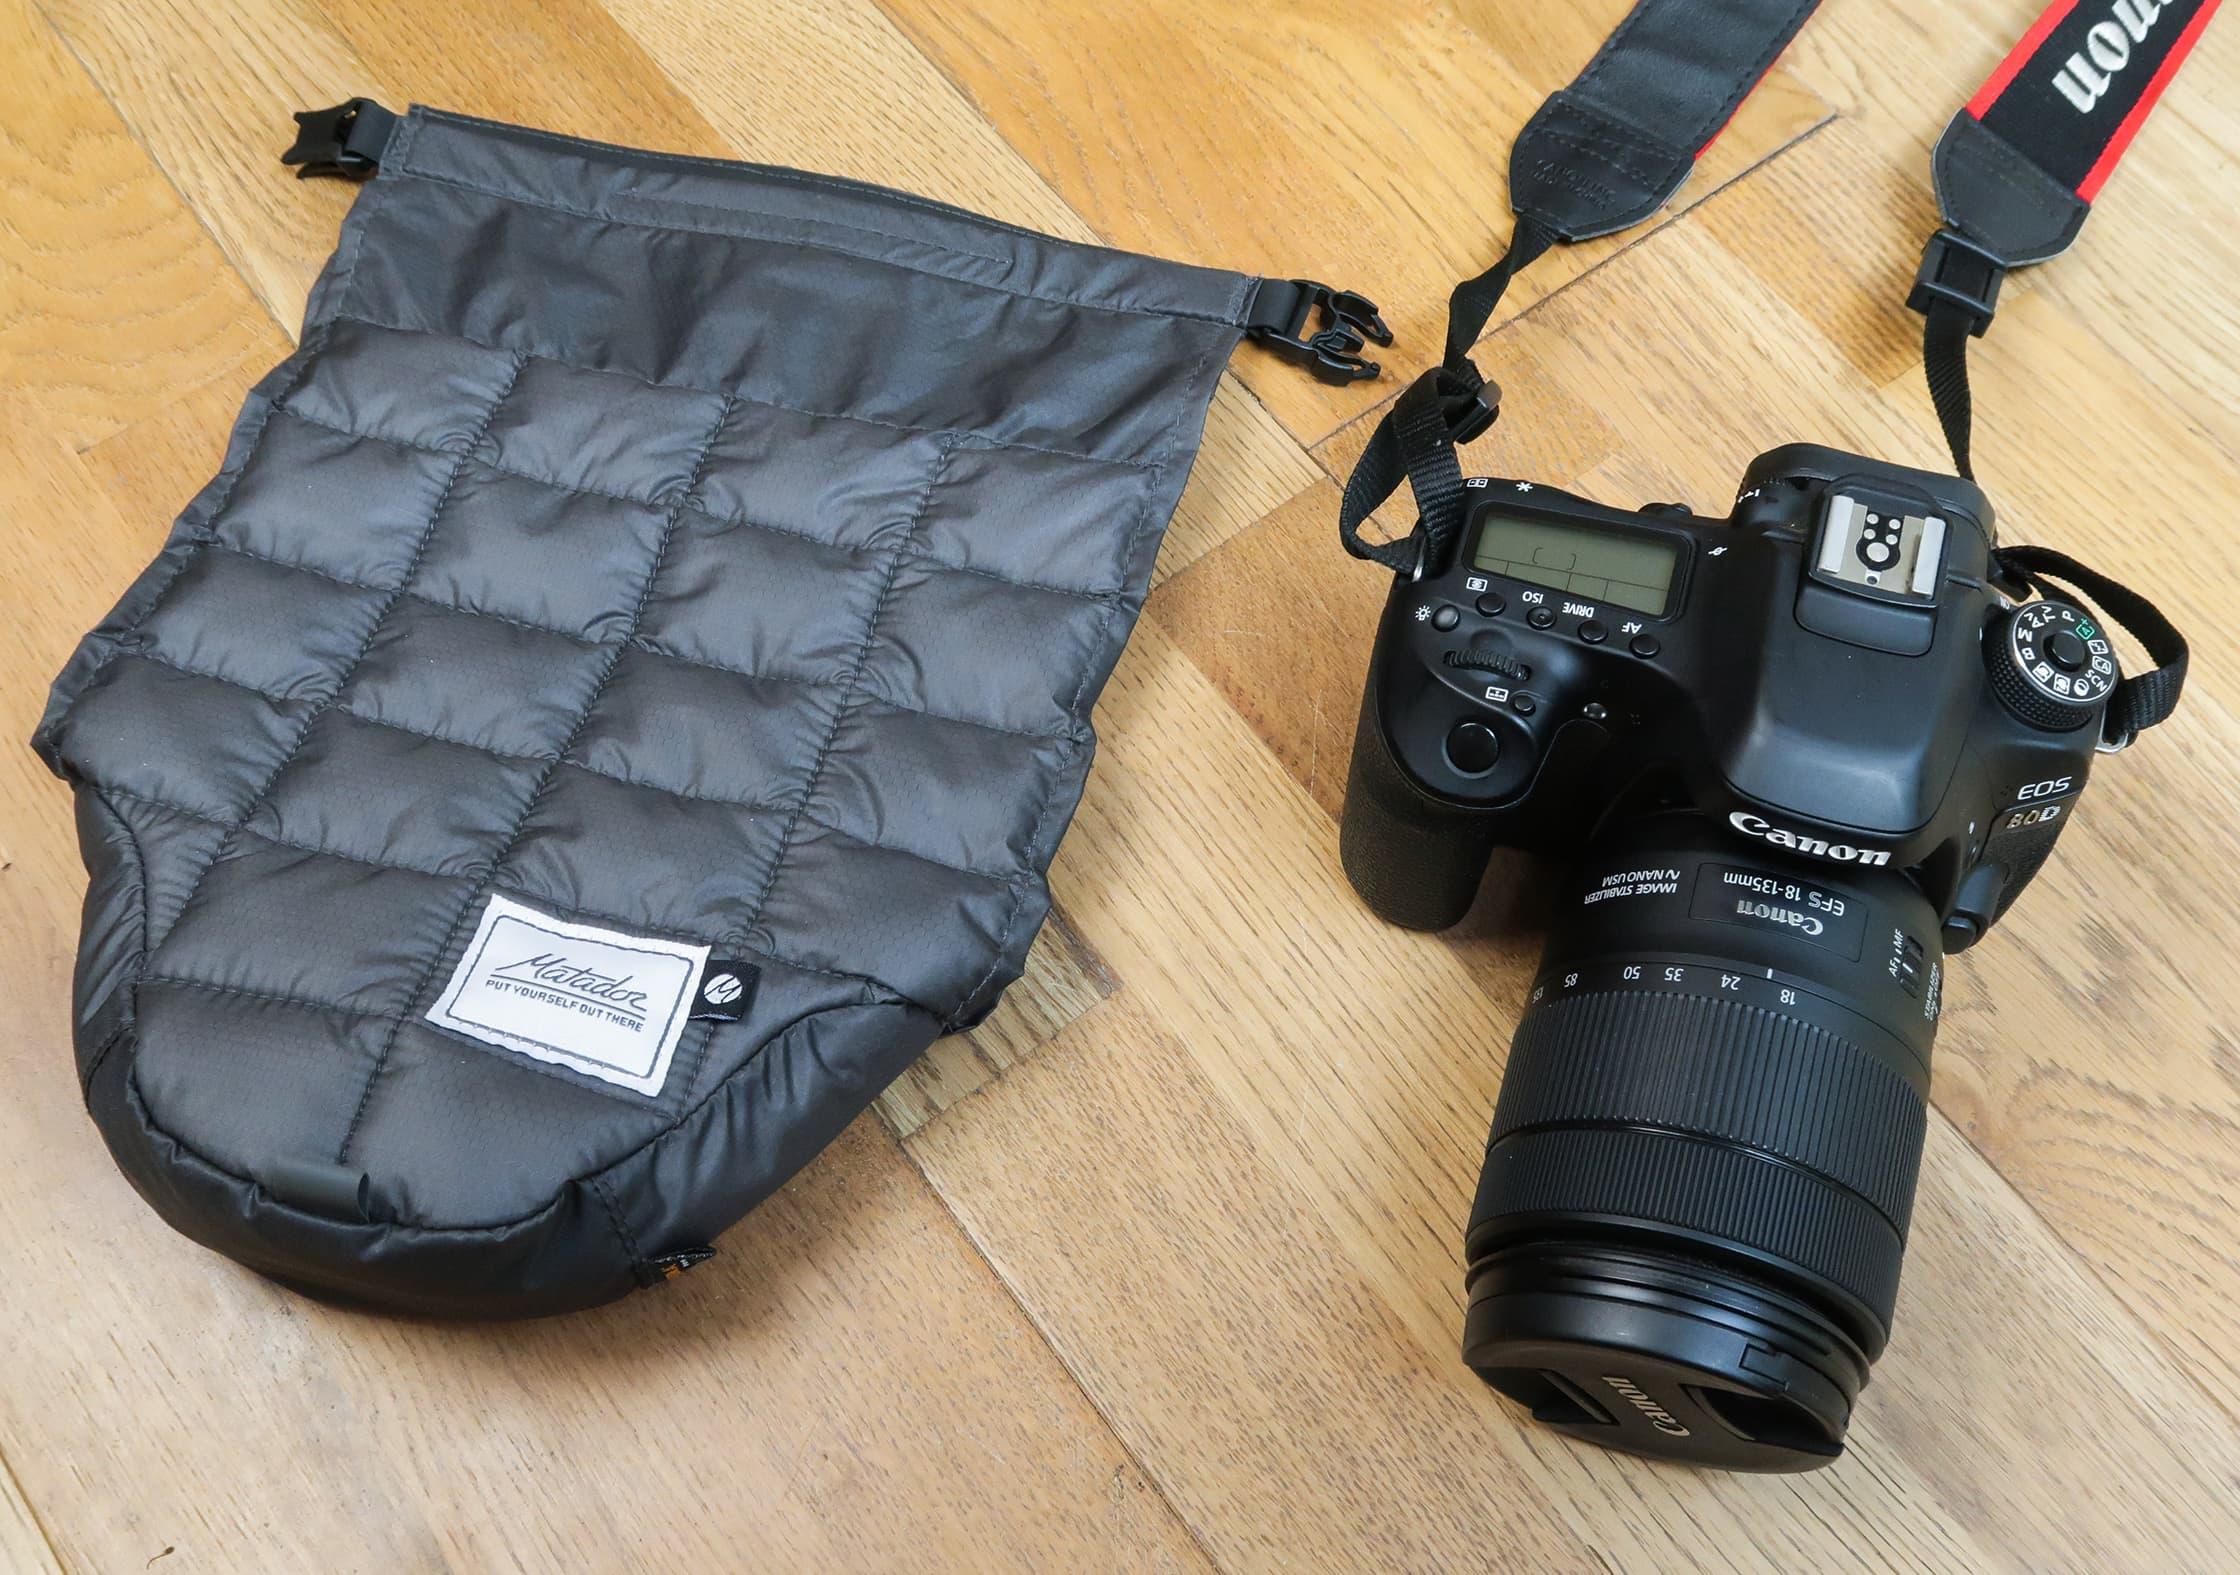 Matador Camera Base Layer & Canon 80D With An 18-135mm Lens